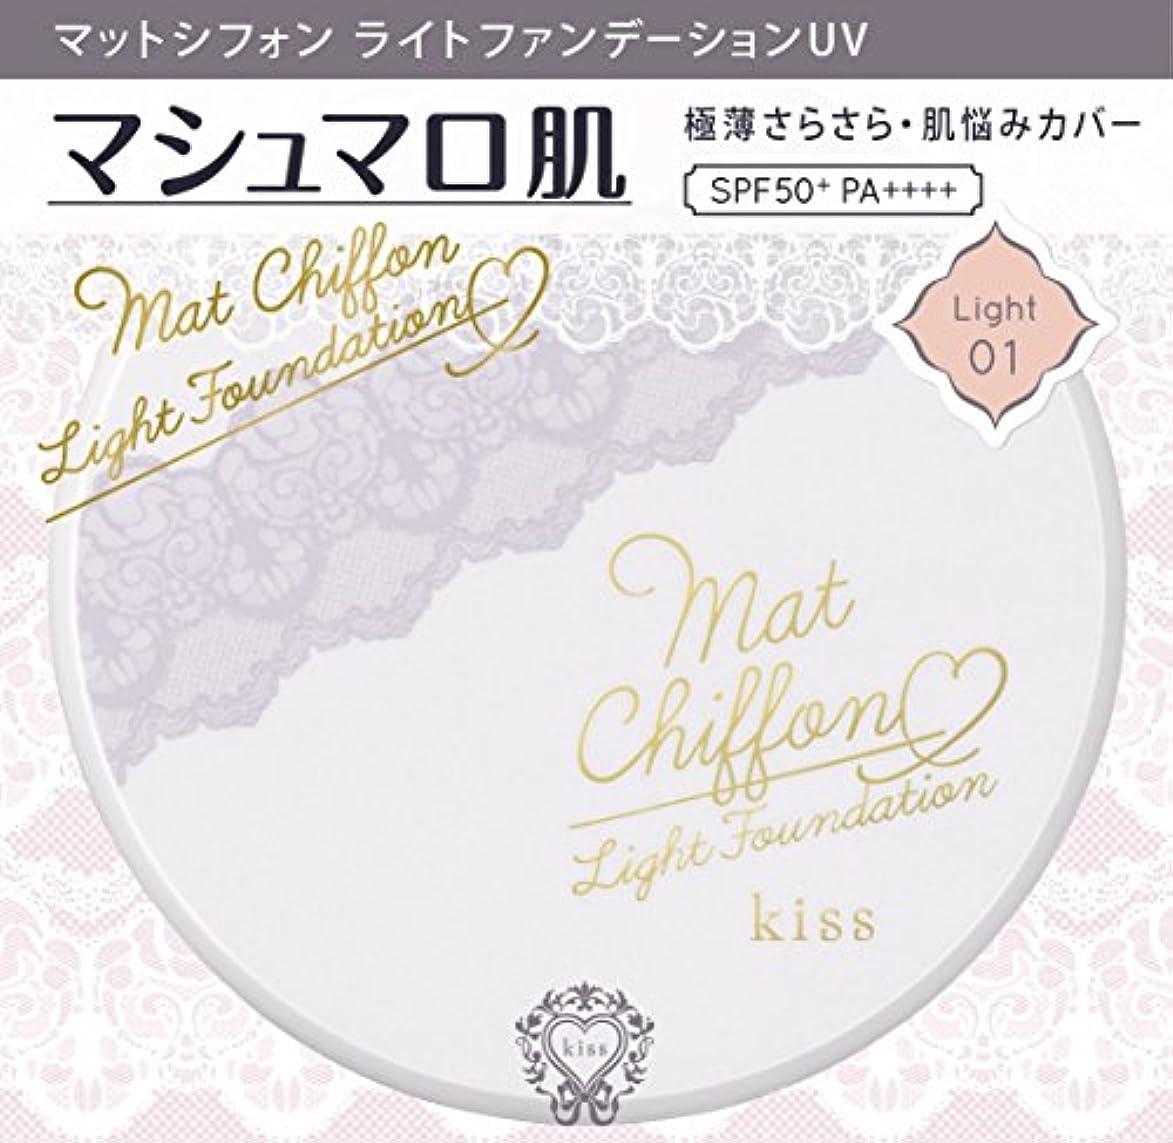 胸絶望的な東キス マットシフォン ライトファンデーションUV01 ライト 10g